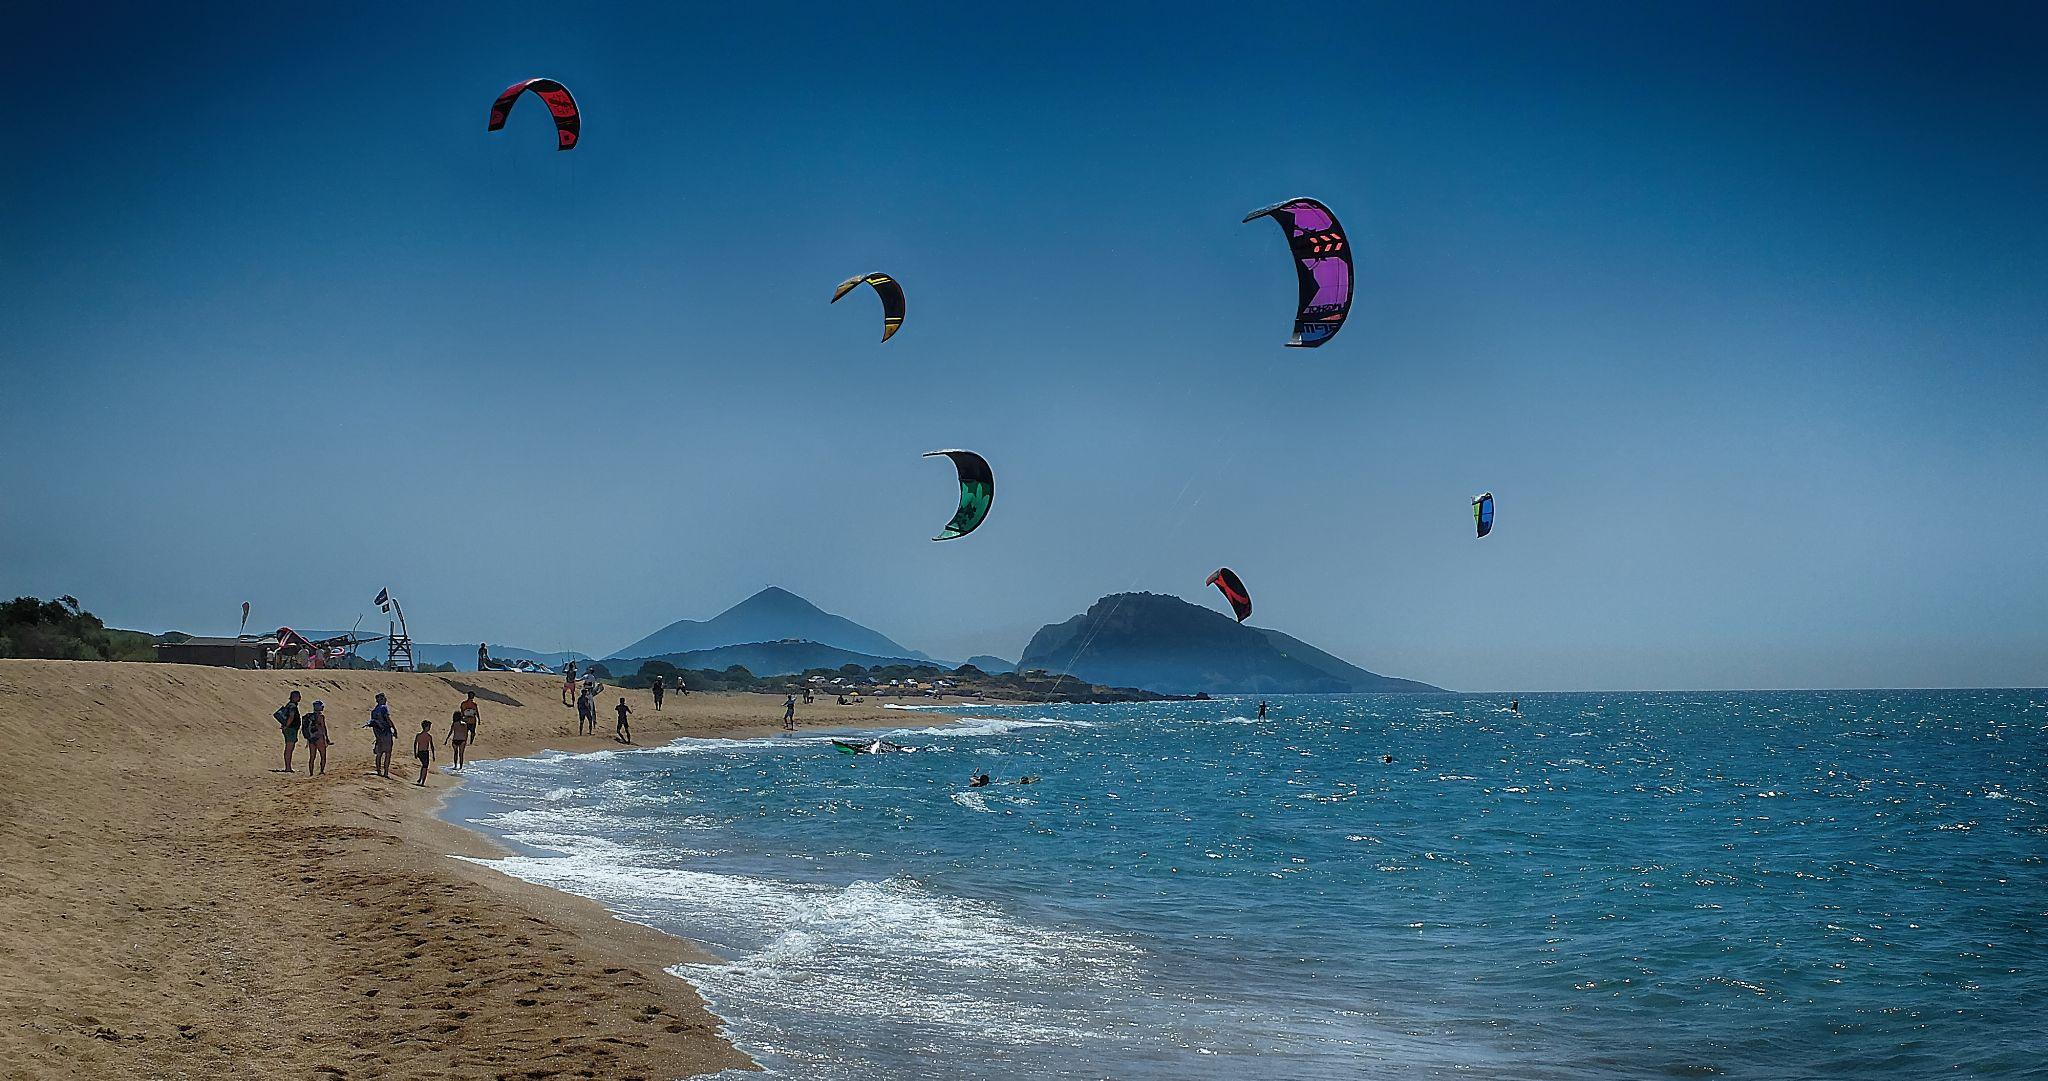 Kitesurfing by Nigel S Jones